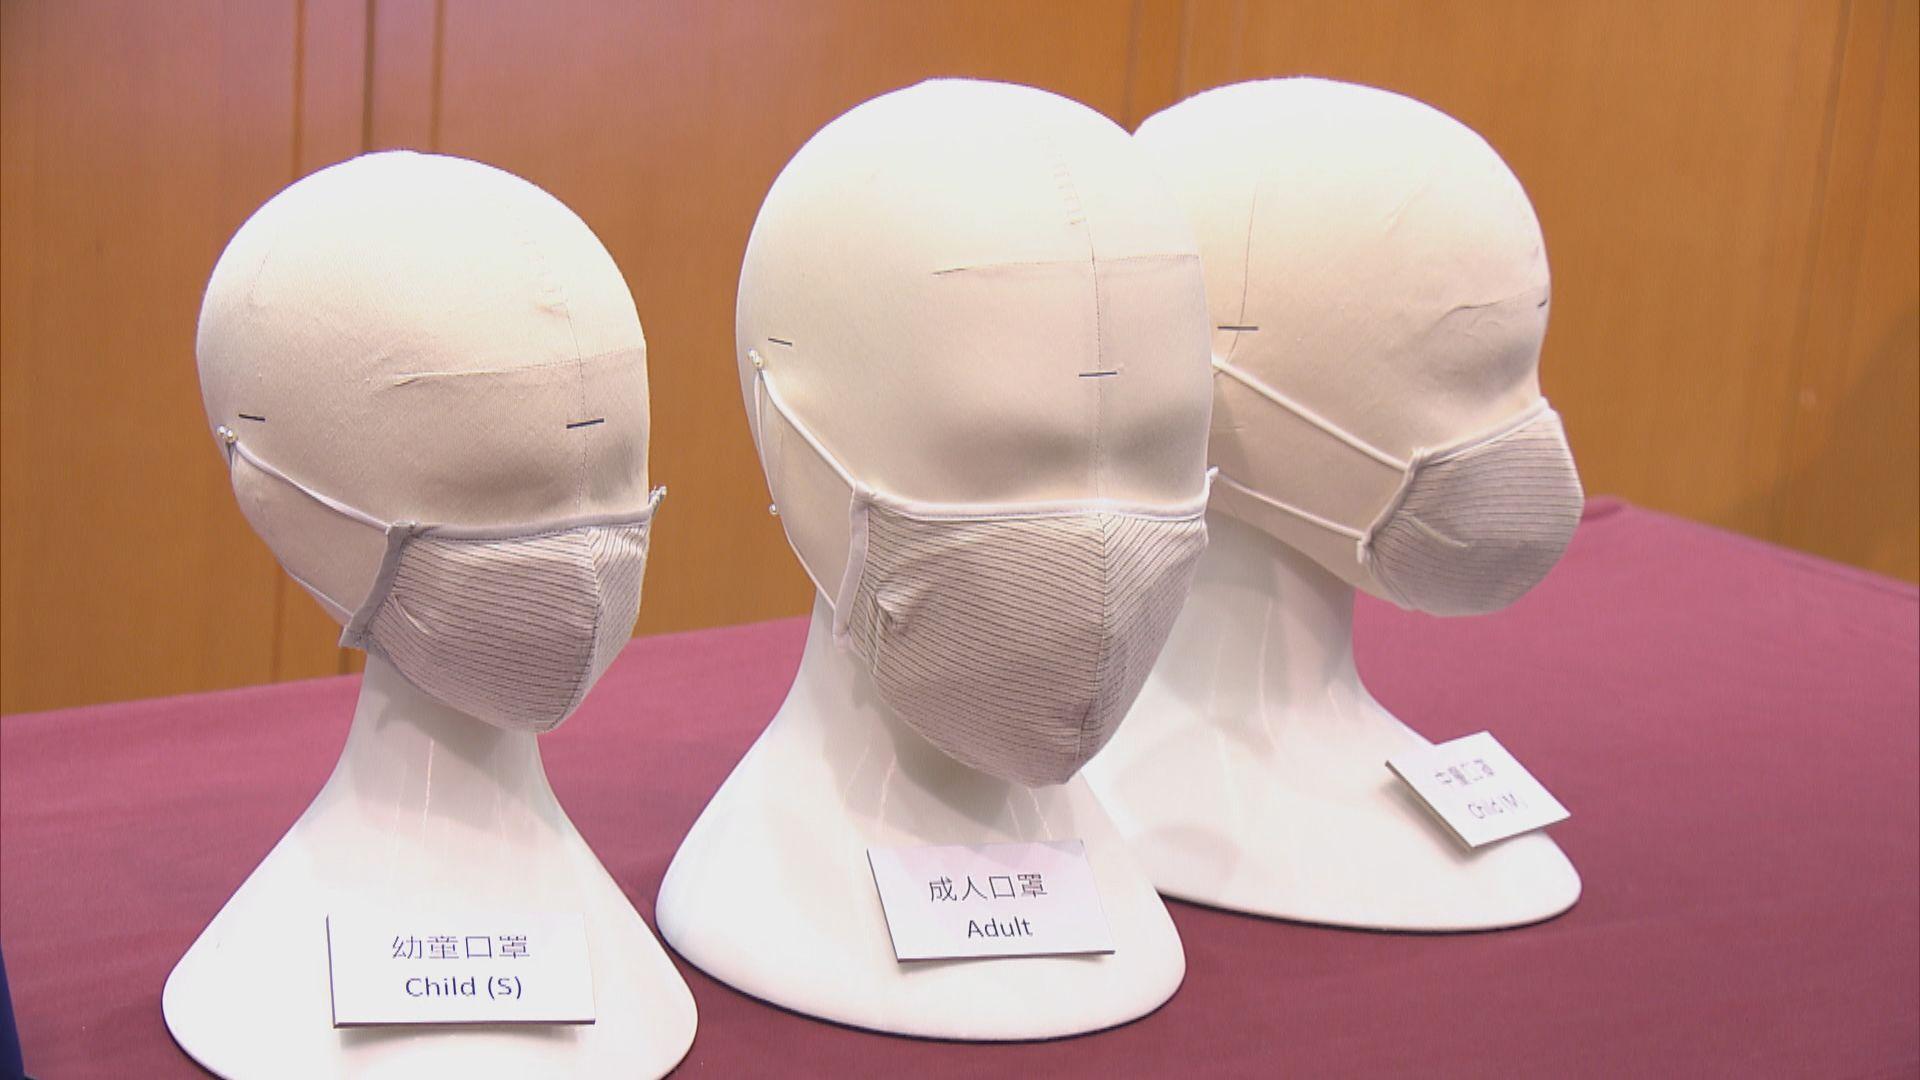 【反應踴躍】已有逾157萬人登記領取可重用口罩